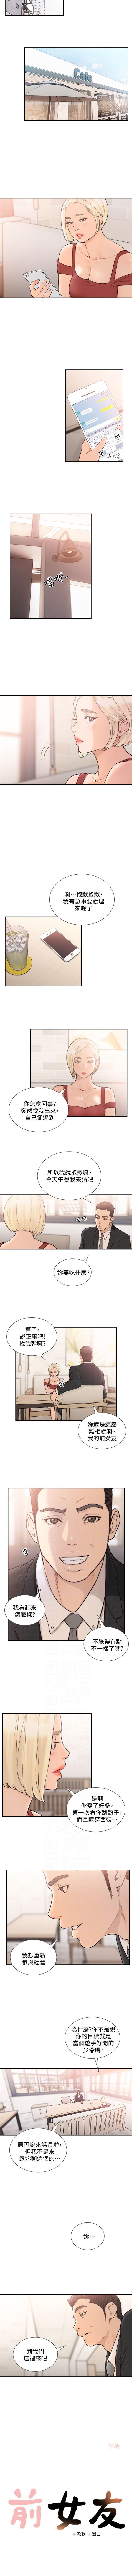 前女友 1-48 中文翻译(更新中) 176